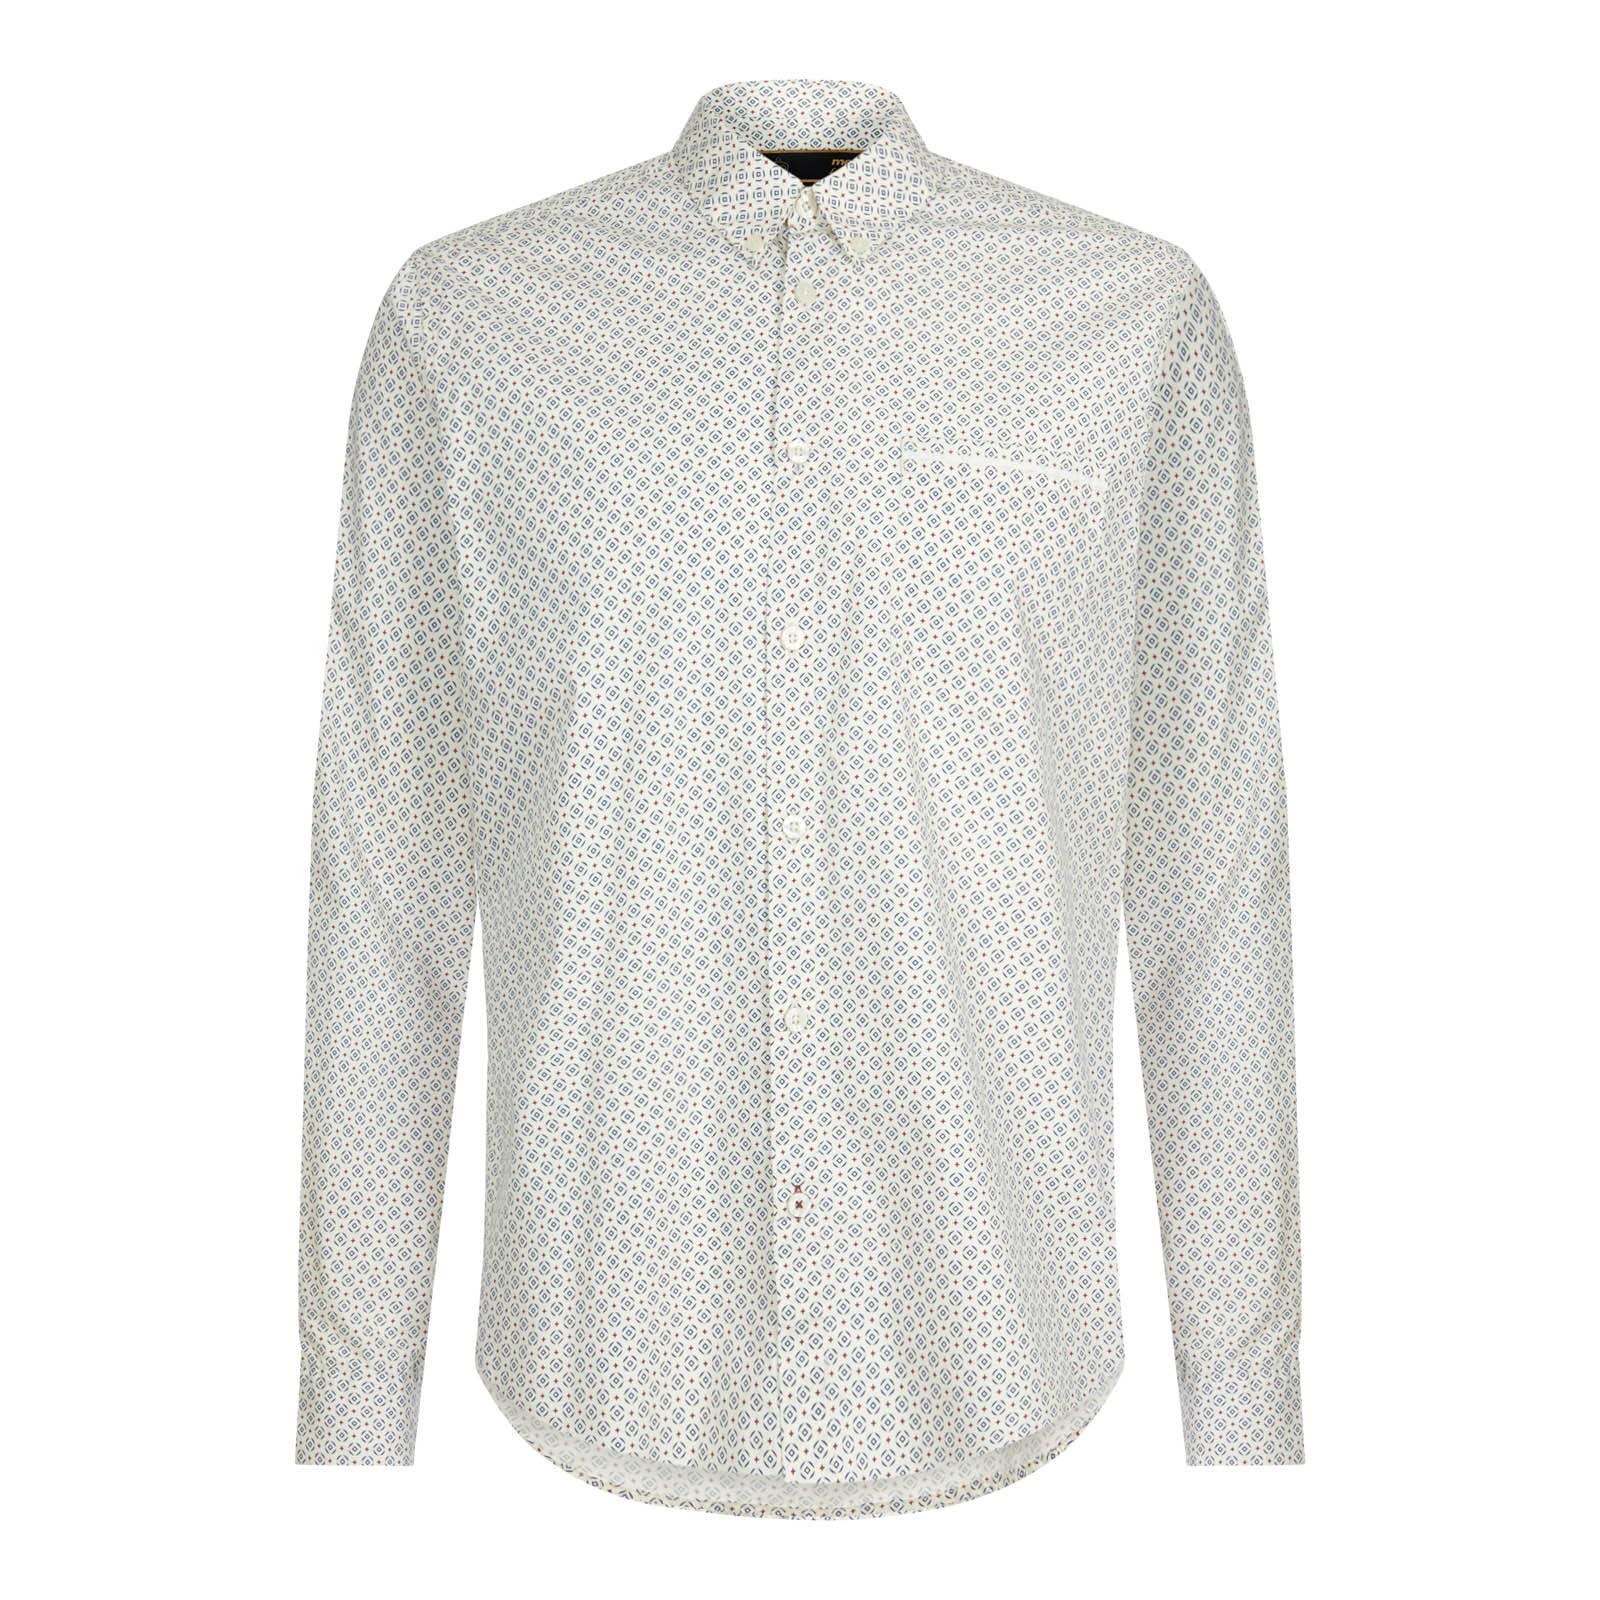 Рубашка LouthButton Down<br>Мужская рубашка покроя slim-fit, пошитая из мягкой и приятной на ощупь хлопчатобумажной ткани поплин. Эффектный геометрический узор напоминает  стилизованный таргет, связывая эту модель с британской ретро модой 60-х.  Аккуратный button-down воротник идеально встраивается в V-образный вырез свитеров и кардиганов. Также данную рубашку можно красиво комбинировать с преппи блейзерами, Tonics Suit и макинтошем. Брендирована фирменным логотипом Корона, вышитым на фигурной планке правого рукава. Удлиненная спинка позволяет с комфортом заправлять рубашку в брюки: выбрав в качестве низа брючную модель Sta-Prest в комбинации с остроносой обувью Челси можно создать фантастический образ, вдохновленной эпохой Свингующего Лондона, мод-культурой и золотой эрой британского рока.<br><br>Артикул: 1516206<br>Материал: 100% хлопок<br>Цвет: винтажный белый<br>Пол: Мужской